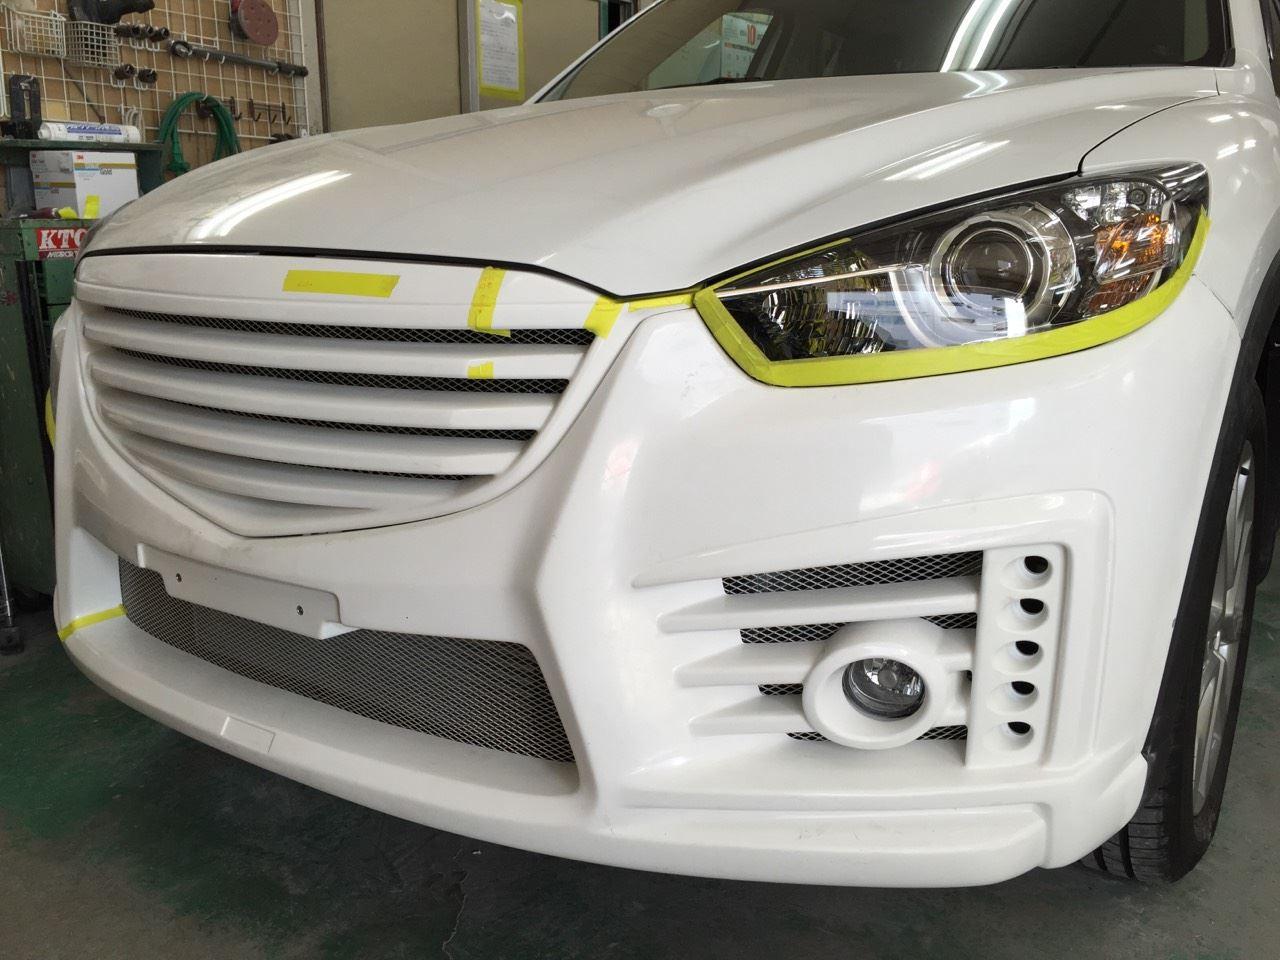 東京都立川市の車の板金塗装修理工場 ガレージローライドのマツダ CX-5のエアロパーツ 塗装 取付 です。